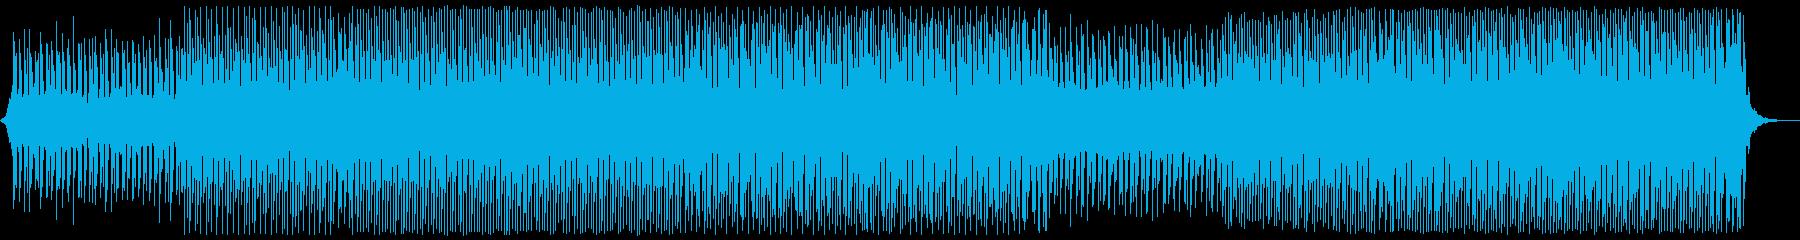 明るい夏のポップの再生済みの波形